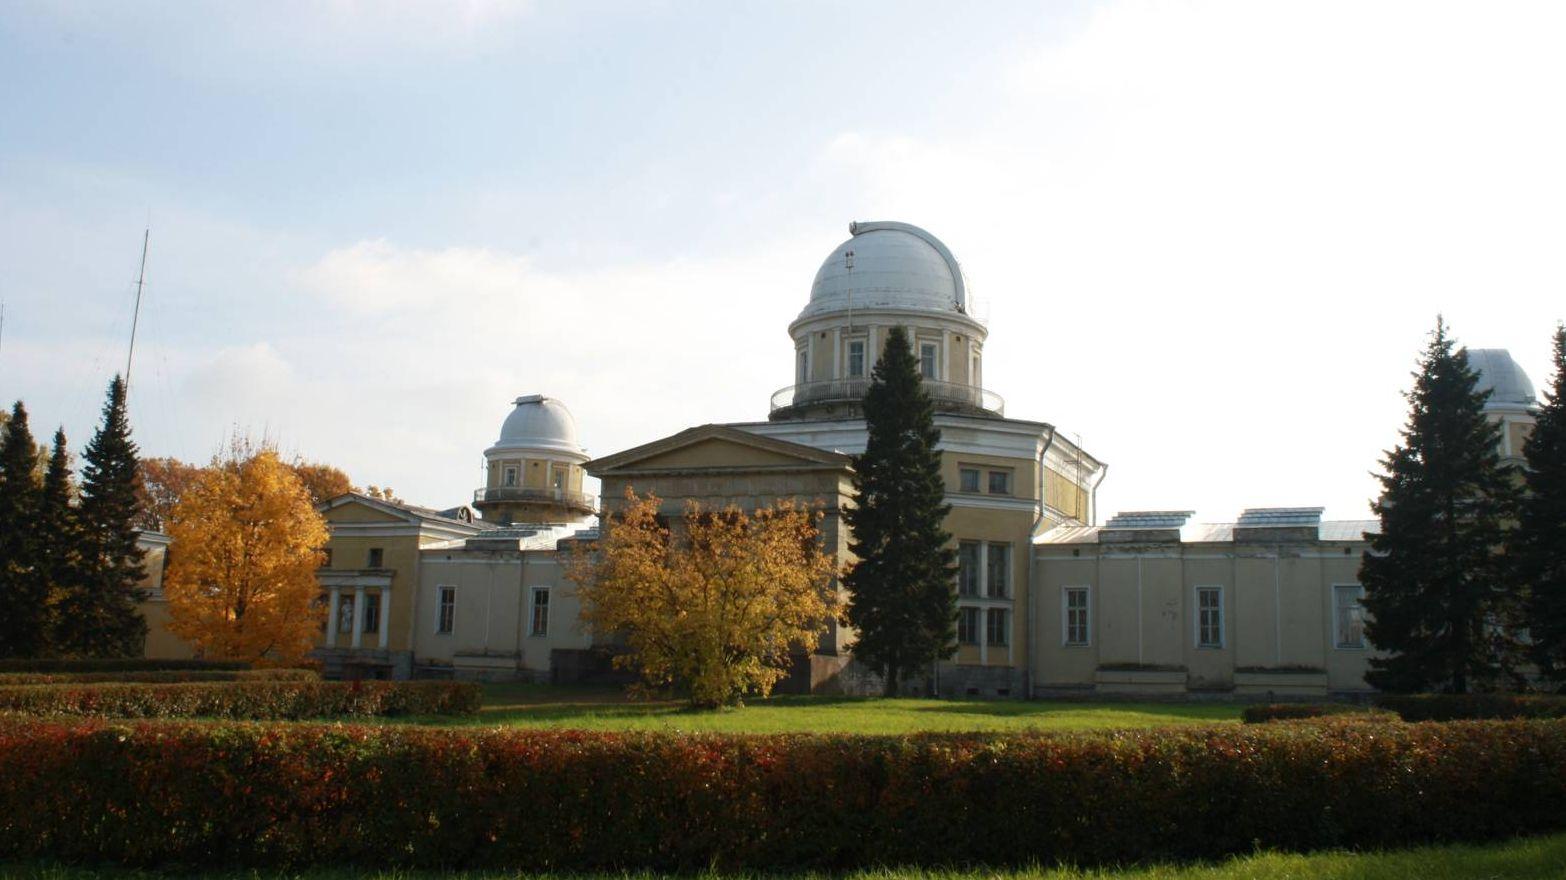 Пулковская обсерватория (сс) Ludushka